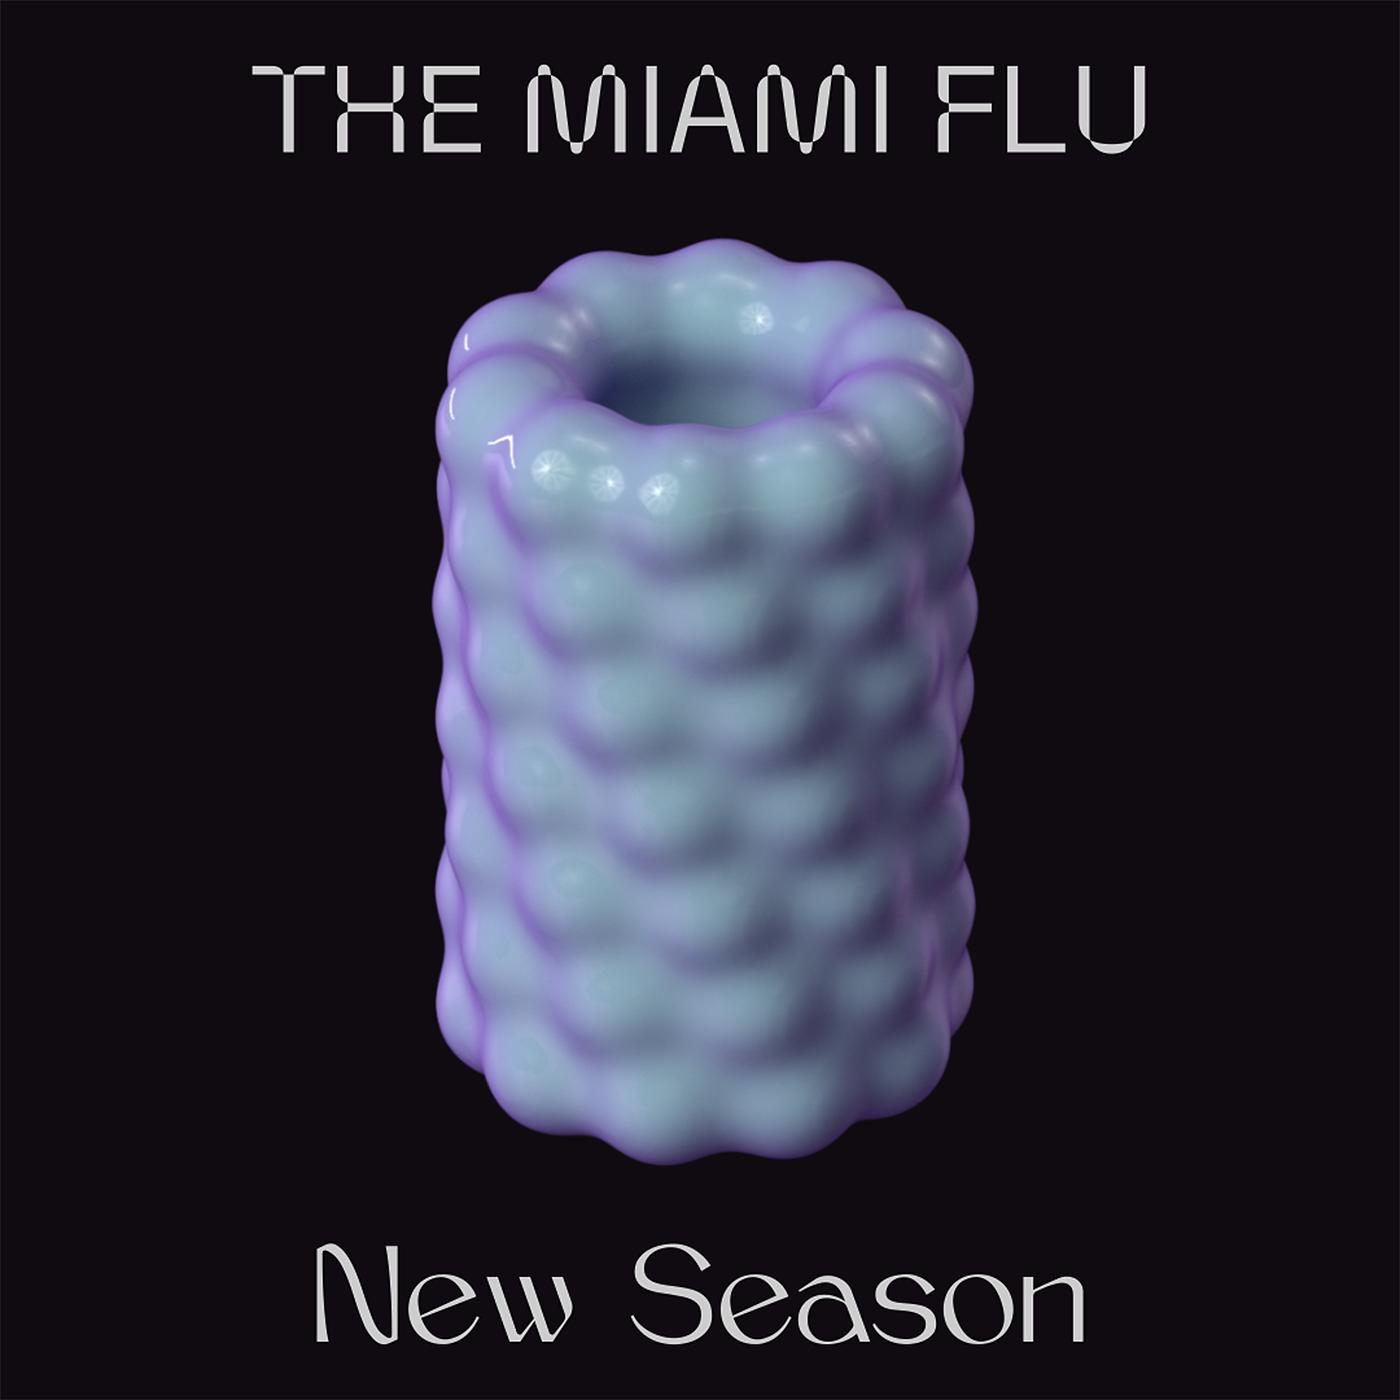 The Miami Flu com álbum em Outubro